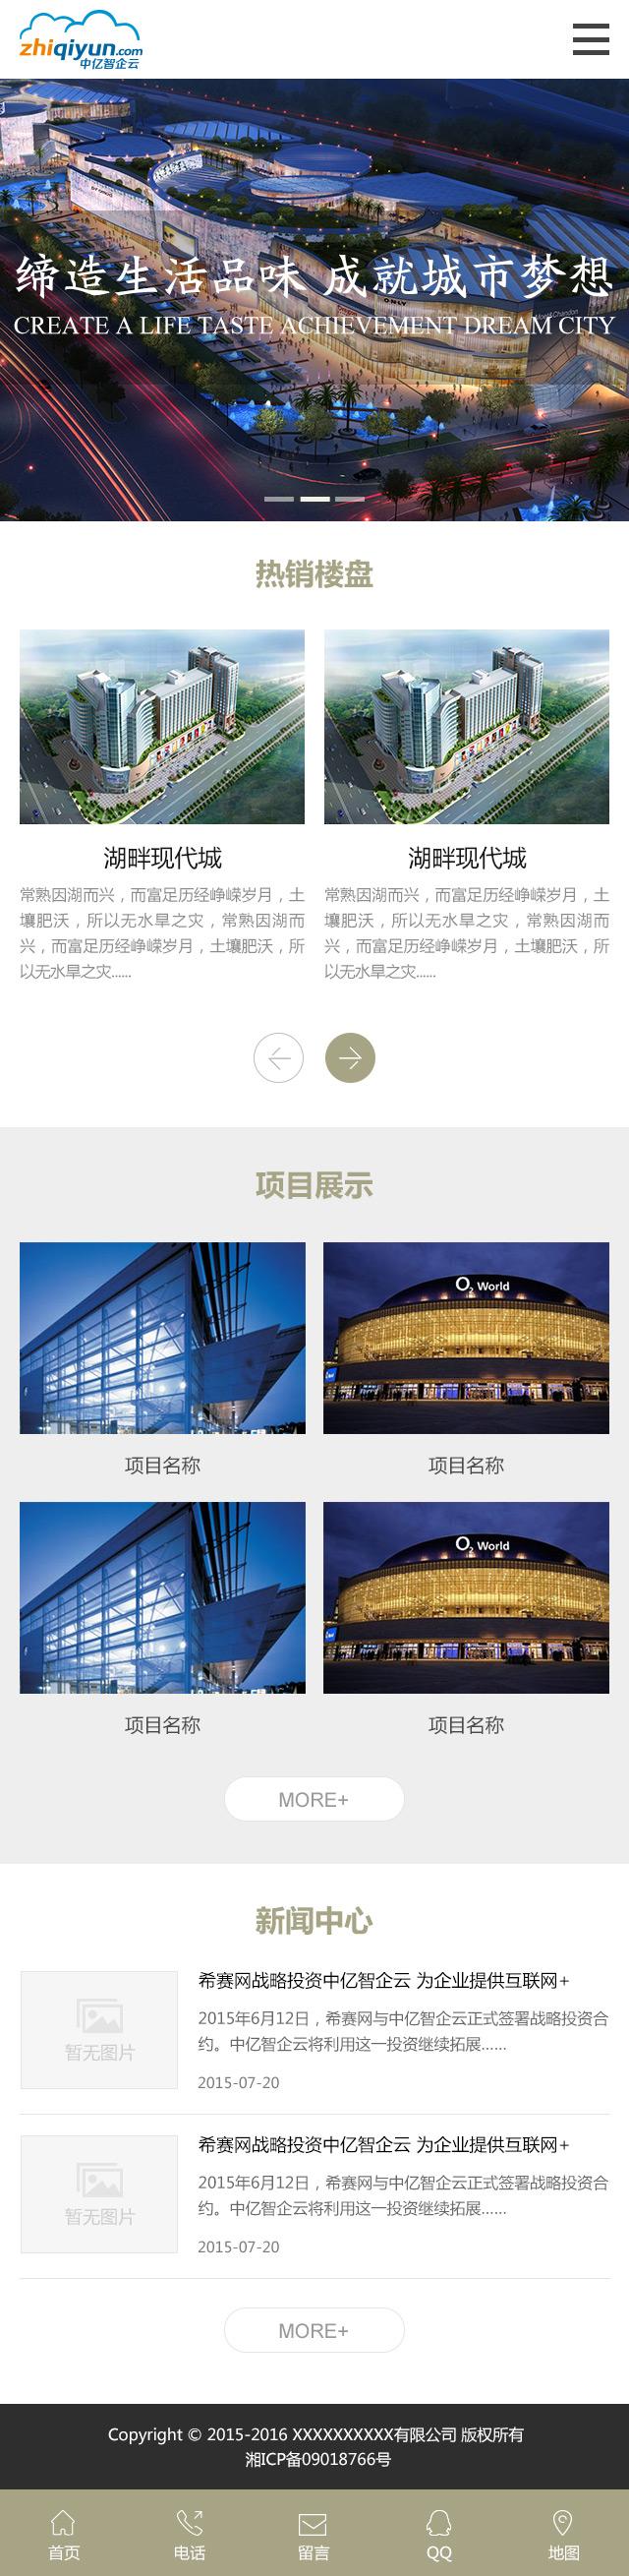 房地产集团网站设计方案